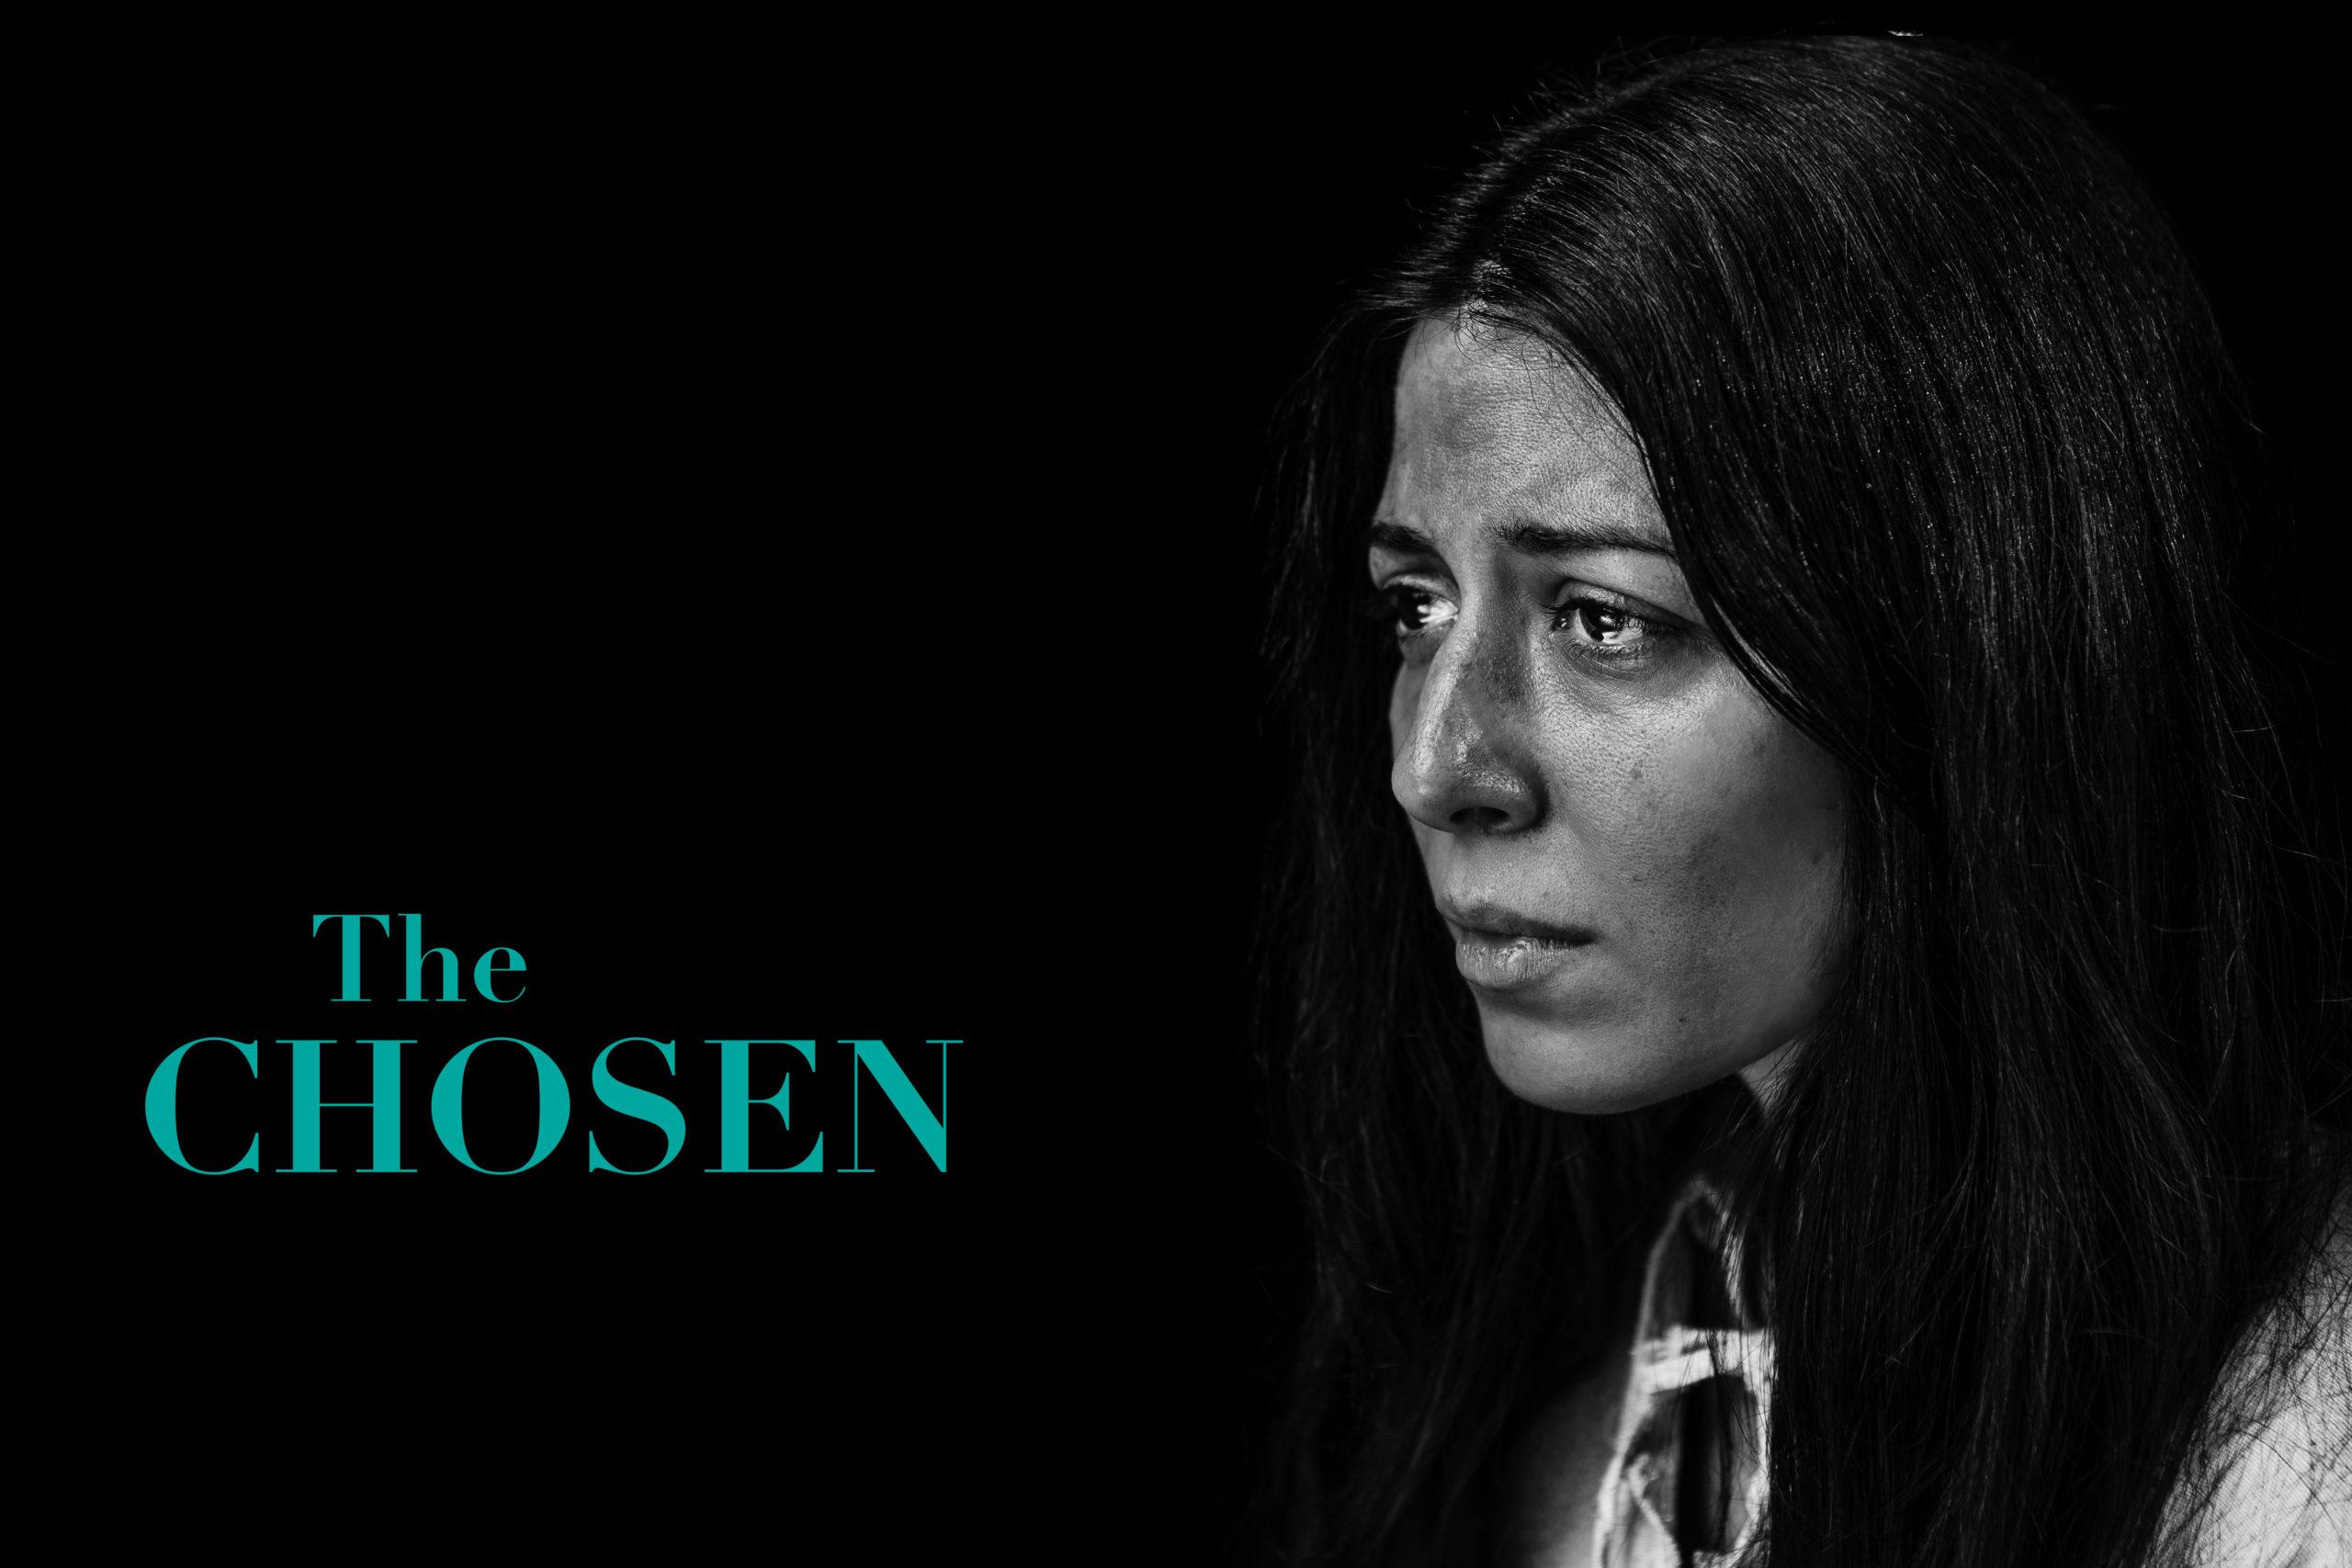 The Chosen: Nov 24th Episode 2 + 3